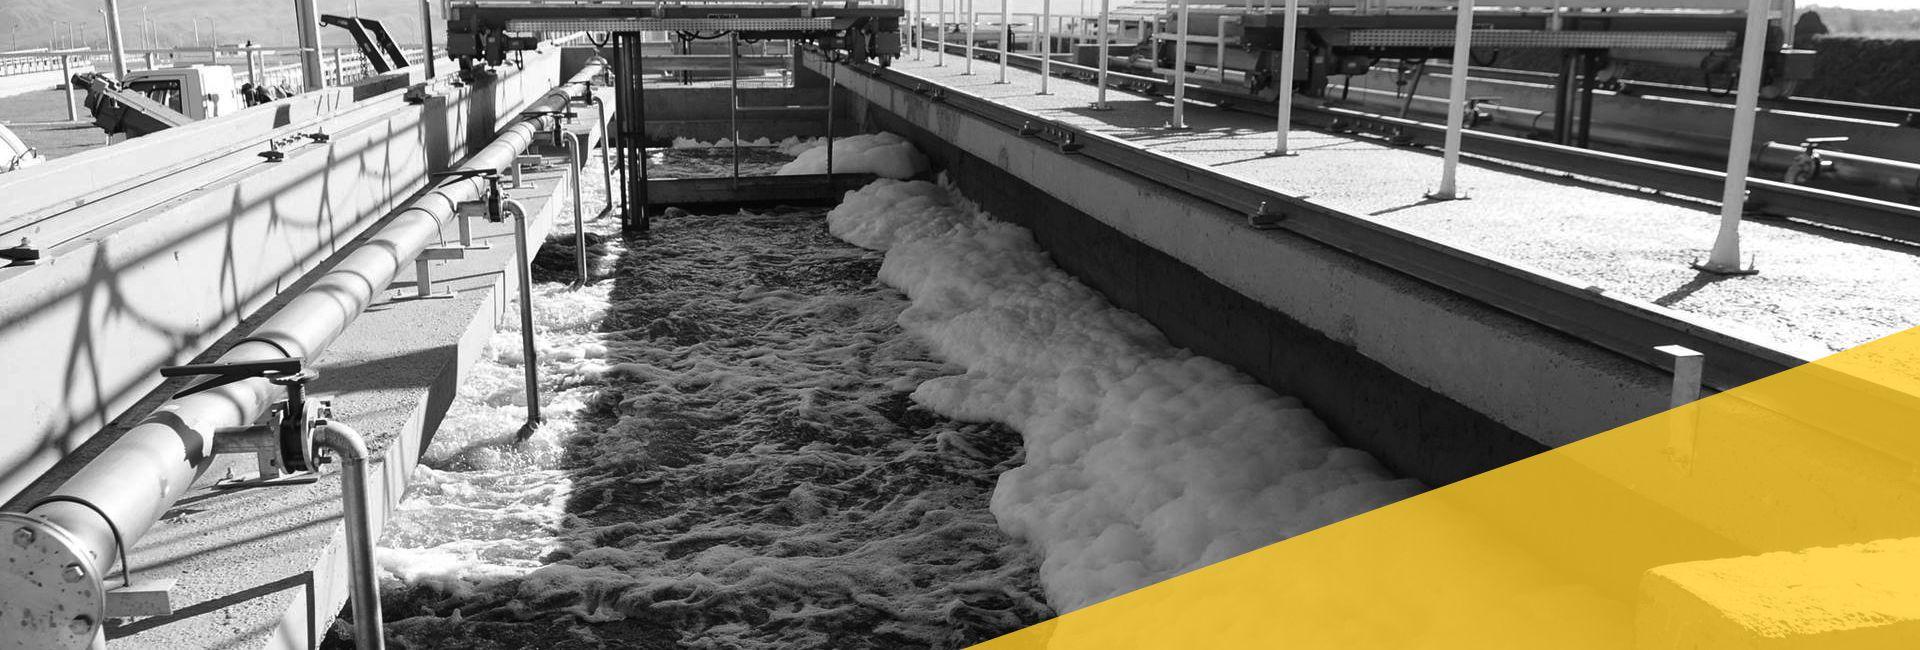 Expertise em projetos Saneamento e Recursos Hídricos - Licitações e Concessões - Public Bid   Expertise in Sanitation and Water Resources Projects   Licitações e Concessões - Public Bid